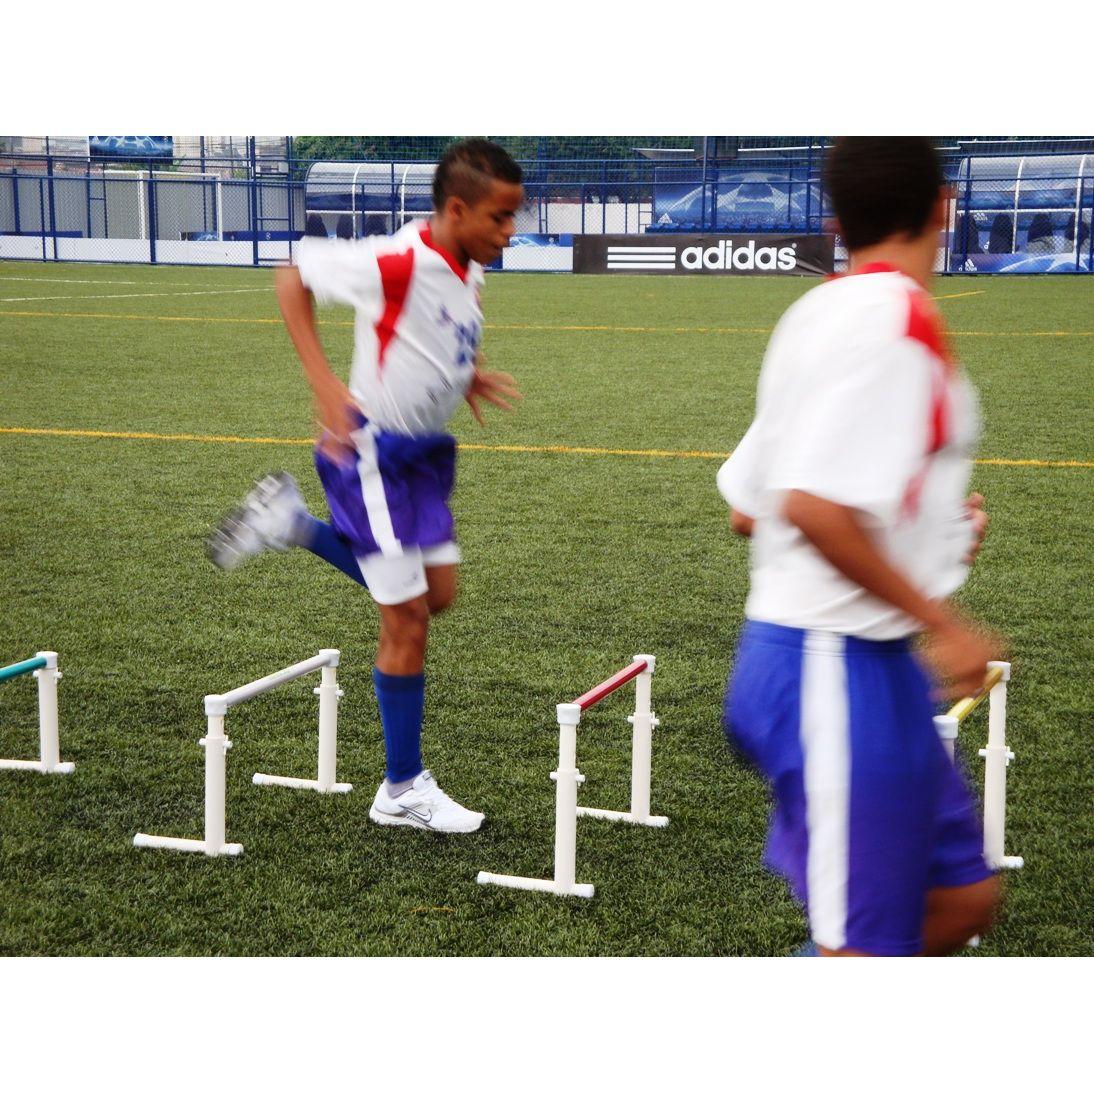 BARREIRAS DE SALTOS ALTURA VARIÁVEL 30-50CM PRO  KIT COM 3 PEÇAS  - Actualsports  Equipamentos Esportivos